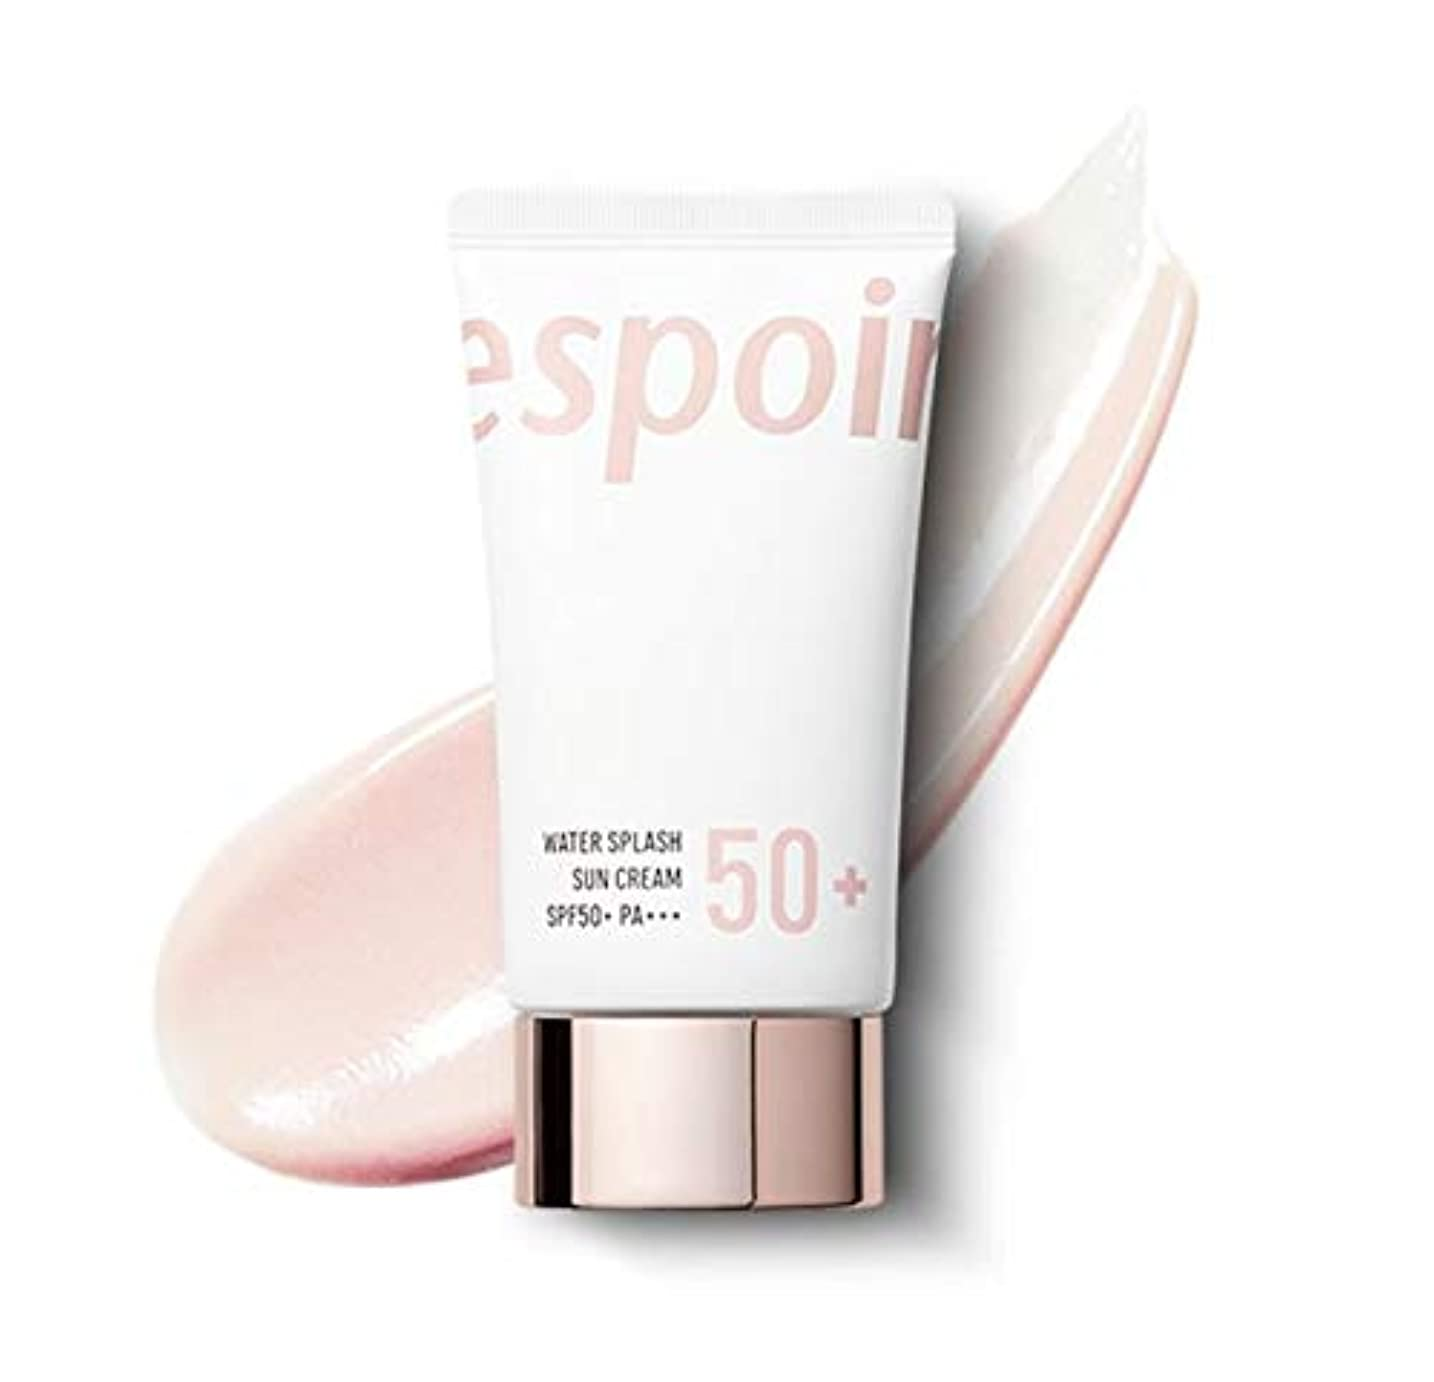 サンダル凝視ピジンeSpoir Water Splash Sun Cream SPF50+PA+++ (R) / エスポワール ウォータースプラッシュ サンクリーム 60ml [並行輸入品]